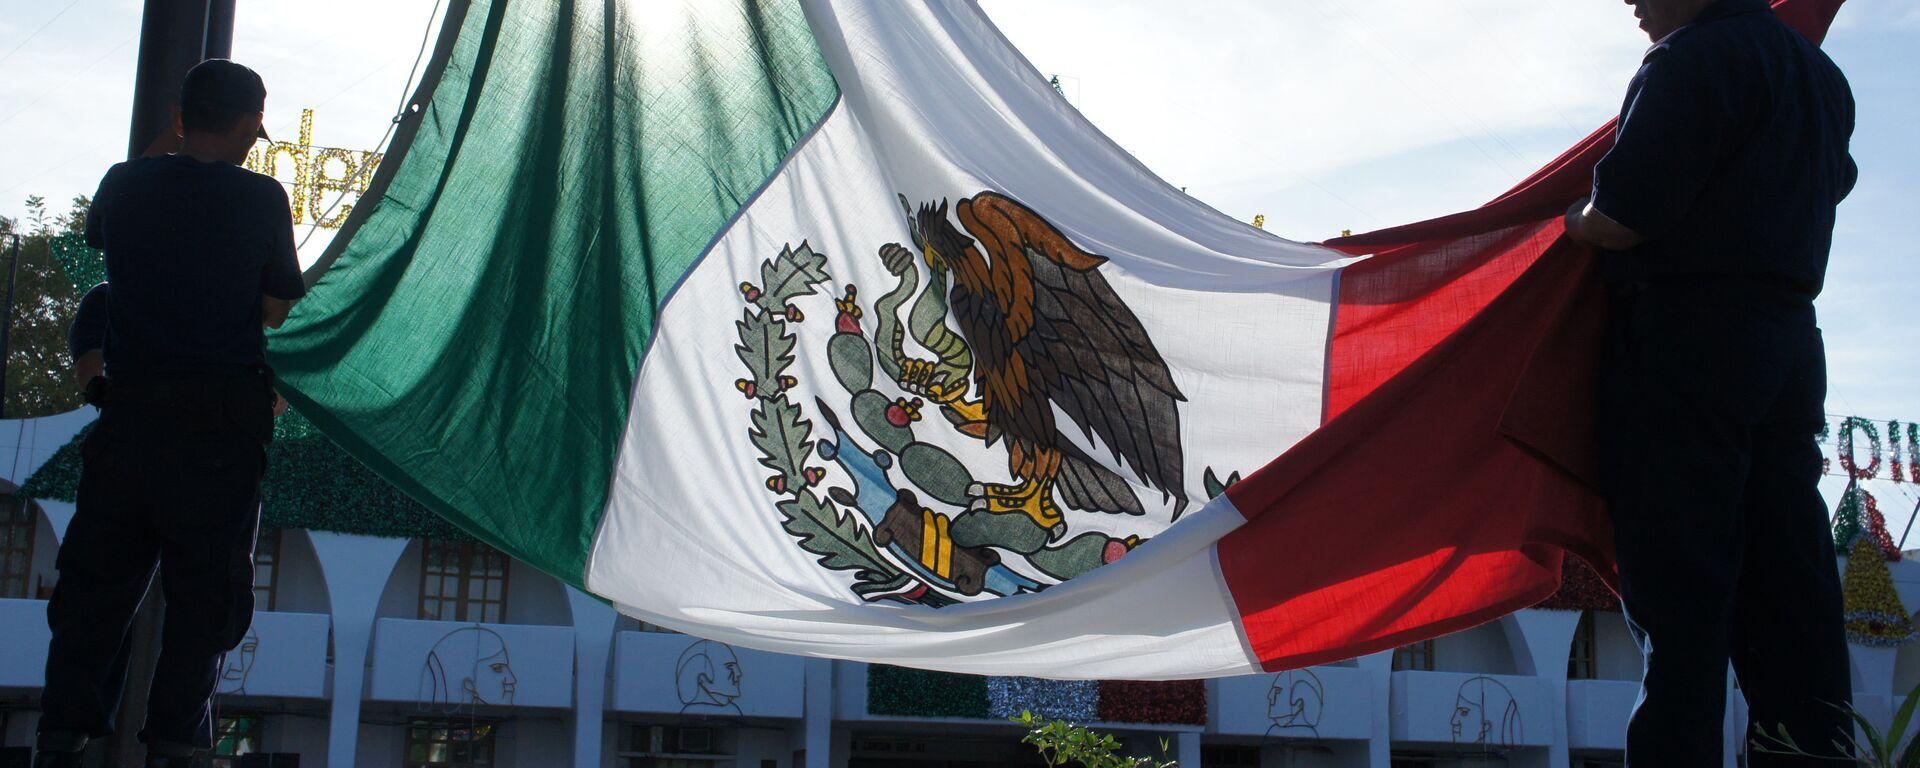 La bandera de México - Sputnik Mundo, 1920, 29.05.2021